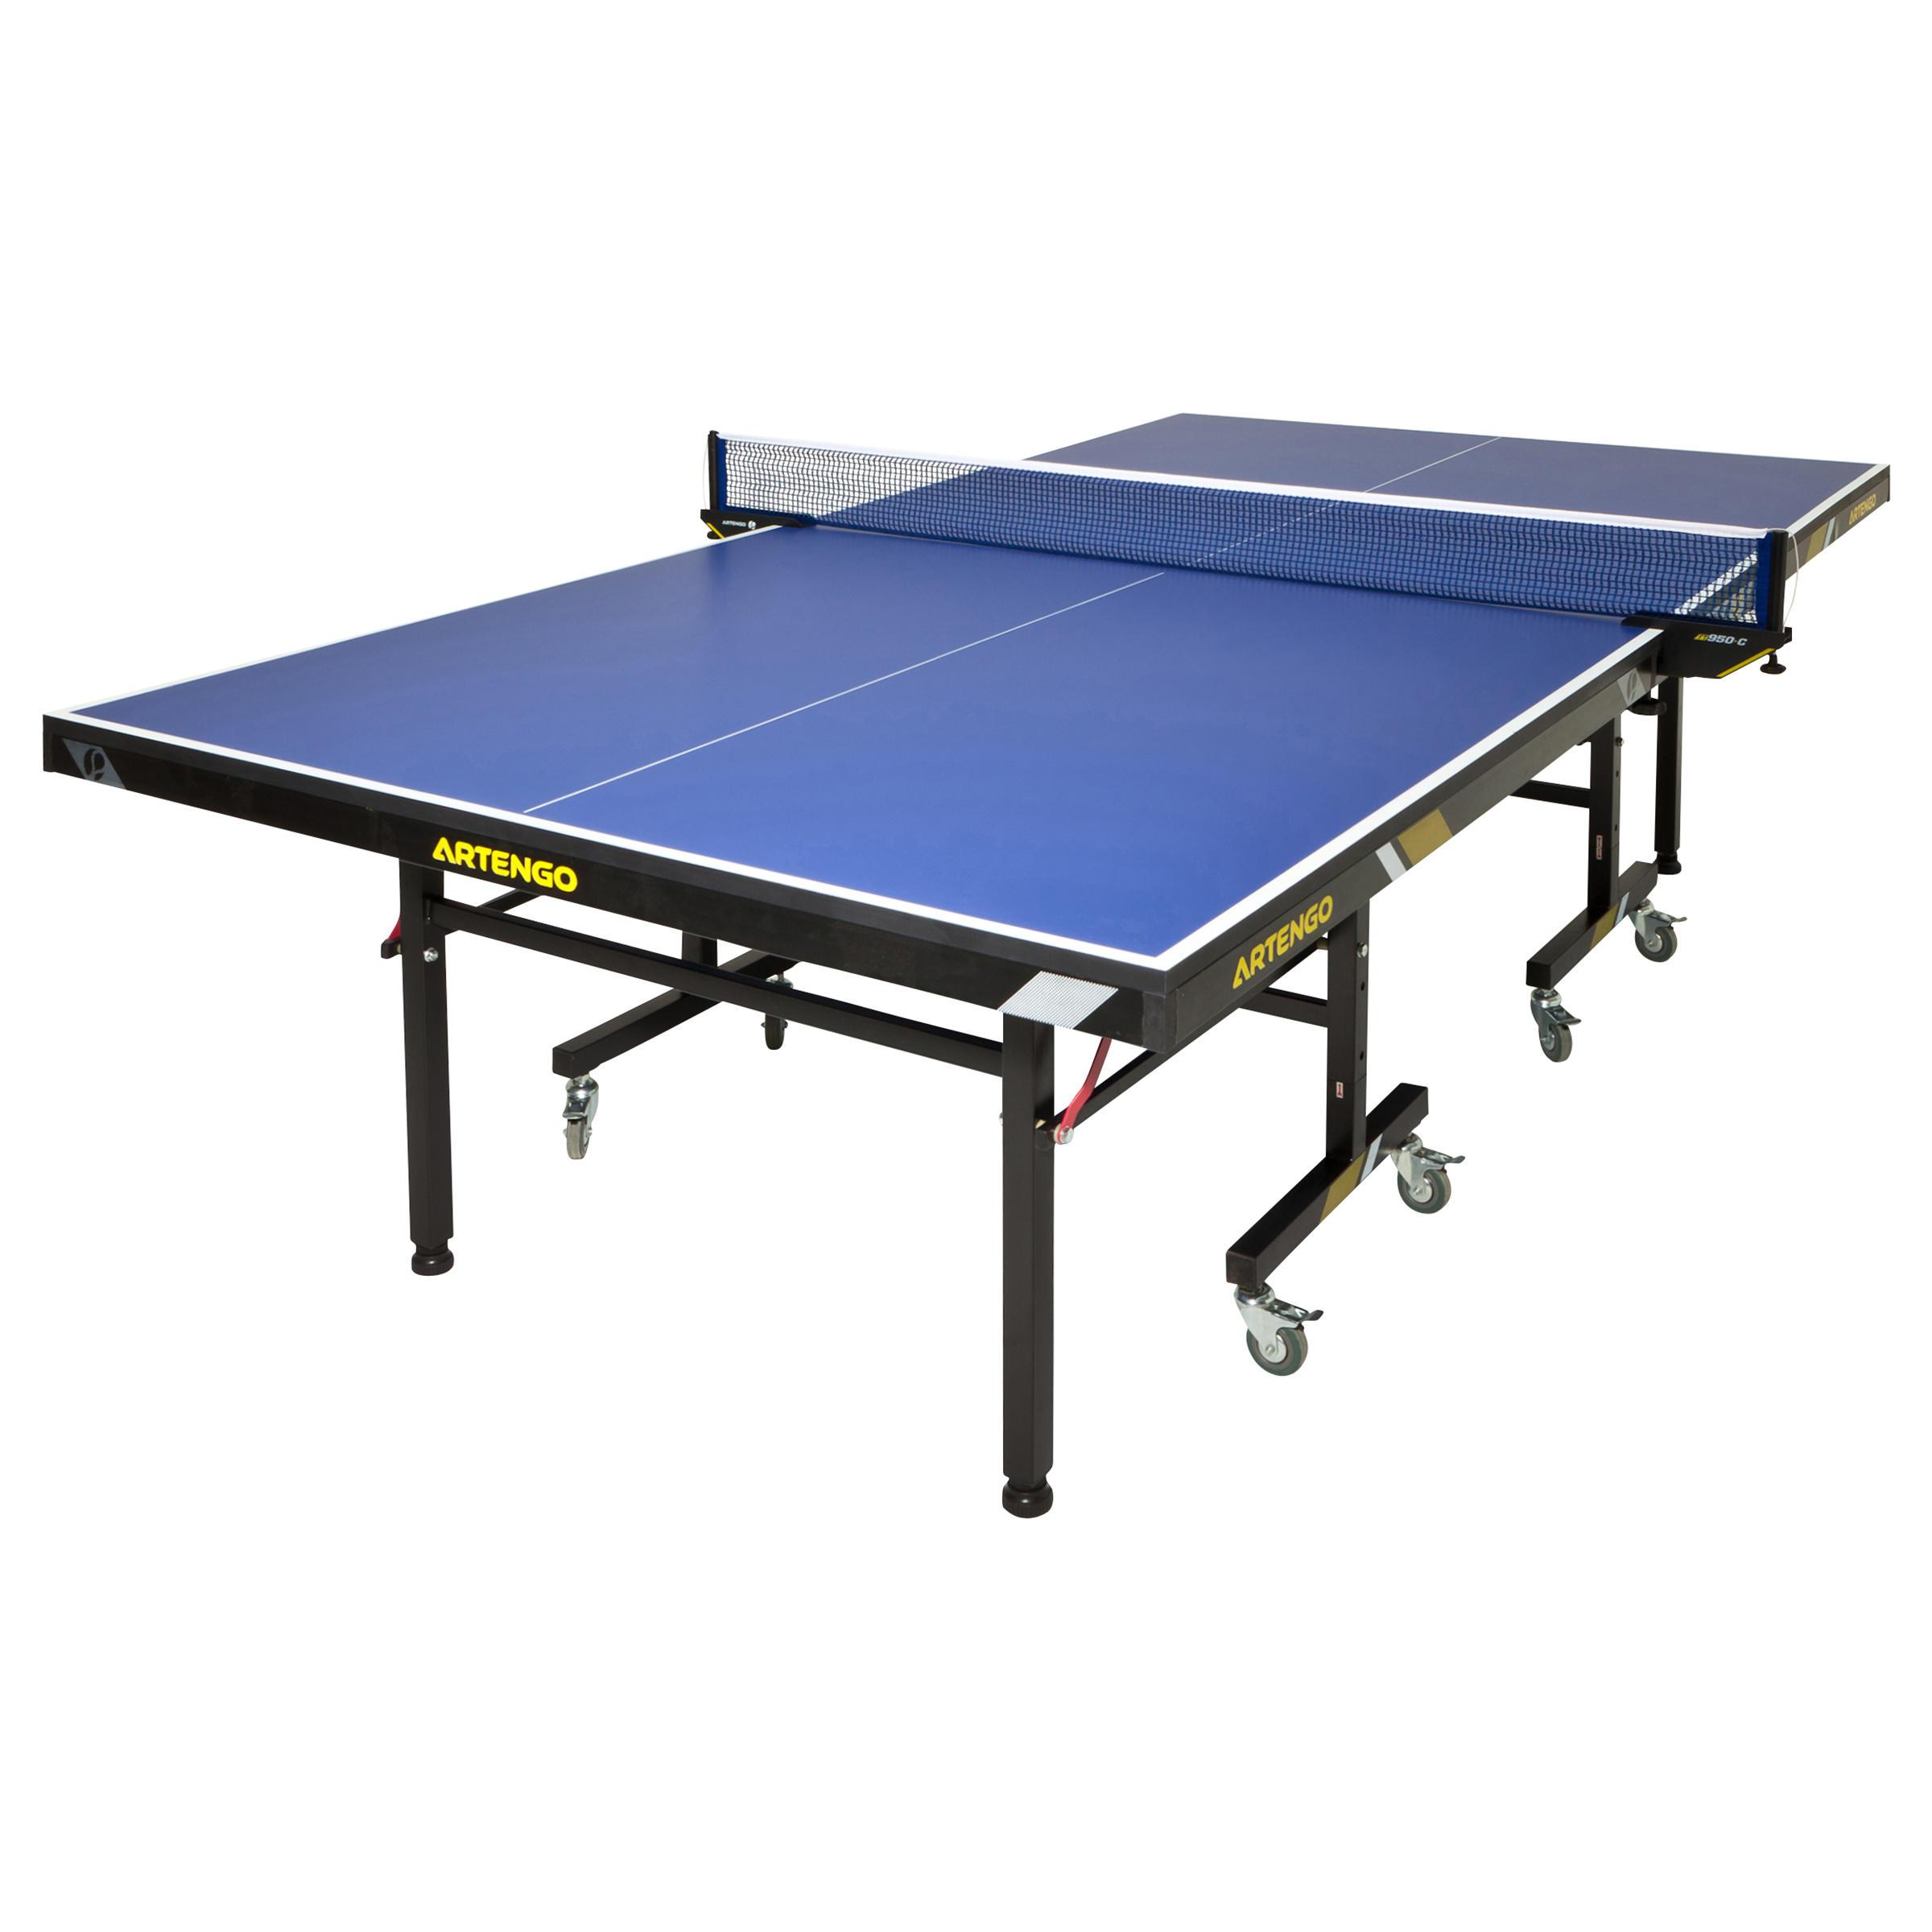 Artengo Tafeltennistafel indoor FT950 club FFTT blauw